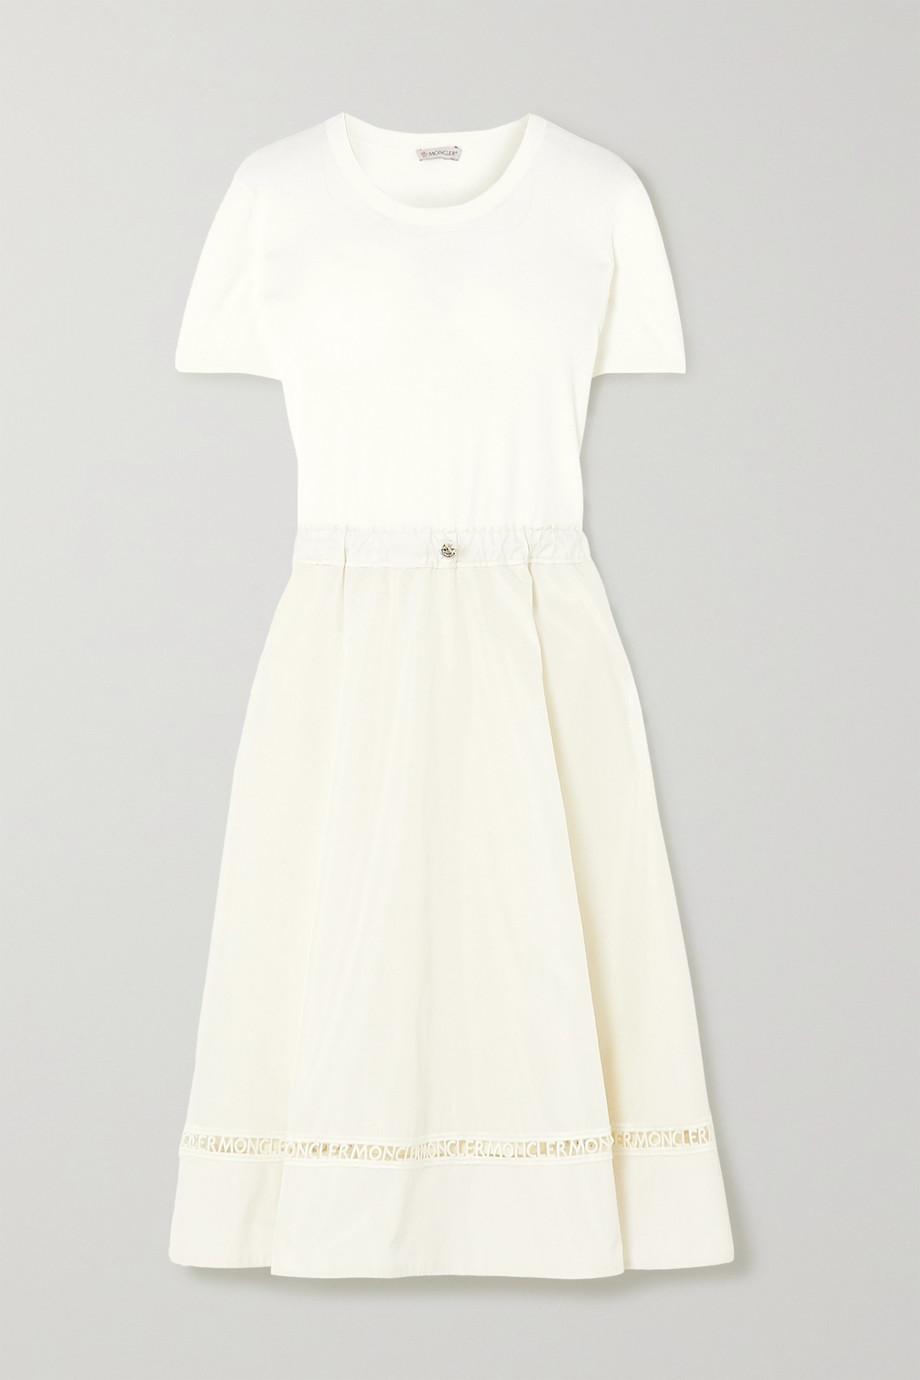 Moncler Laser-cut jersey dress